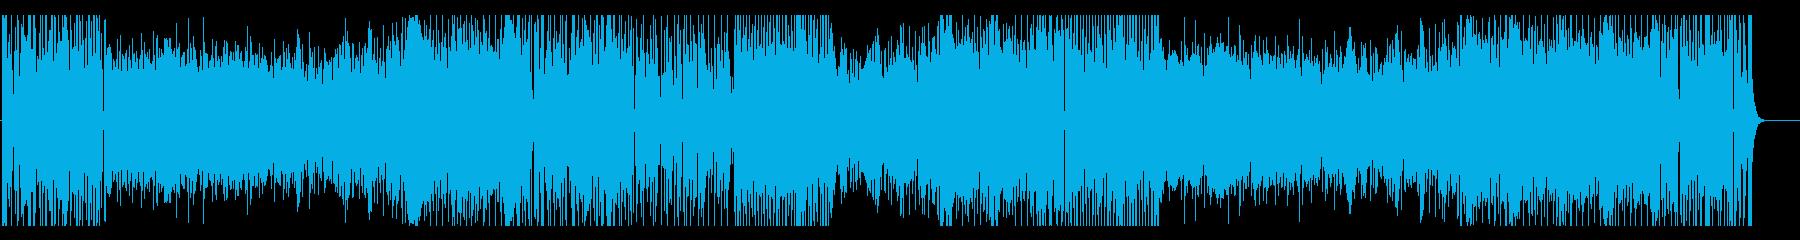 パズルゲームなイメージのテクノポップの再生済みの波形